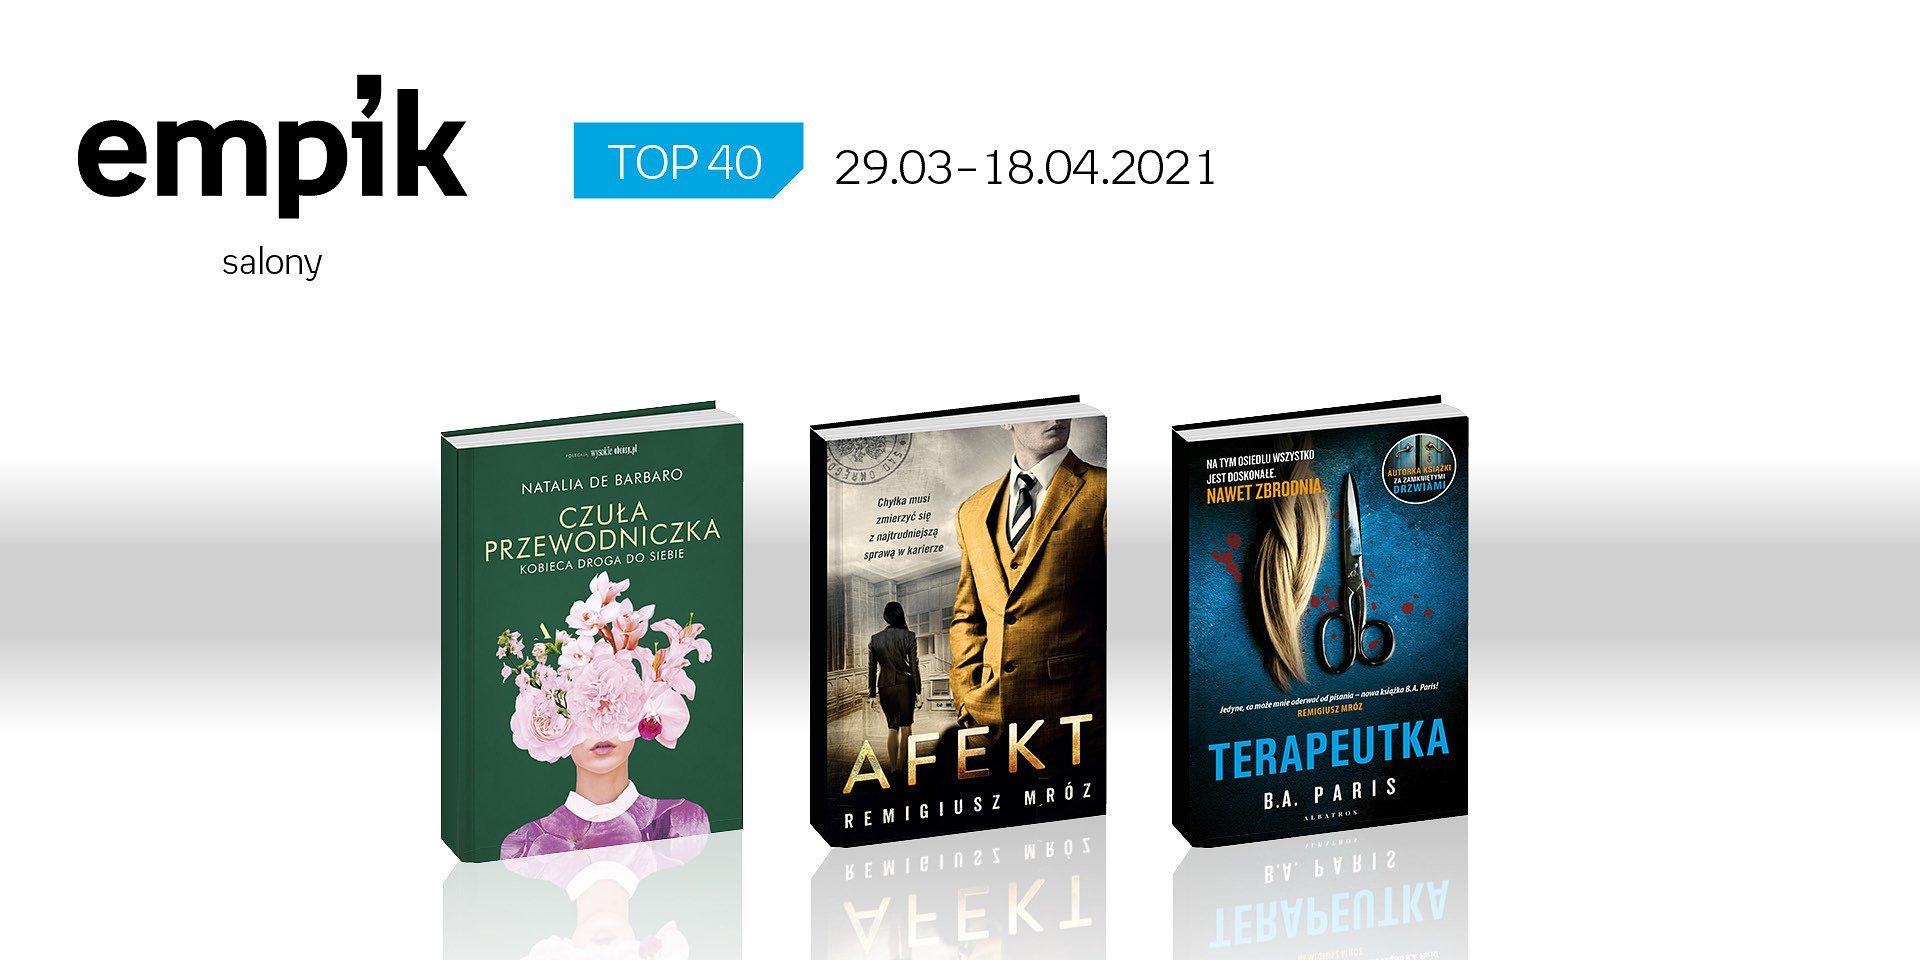 Książkowa lista TOP 40 w salonach Empiku za okres 29 marca – 18 kwietnia